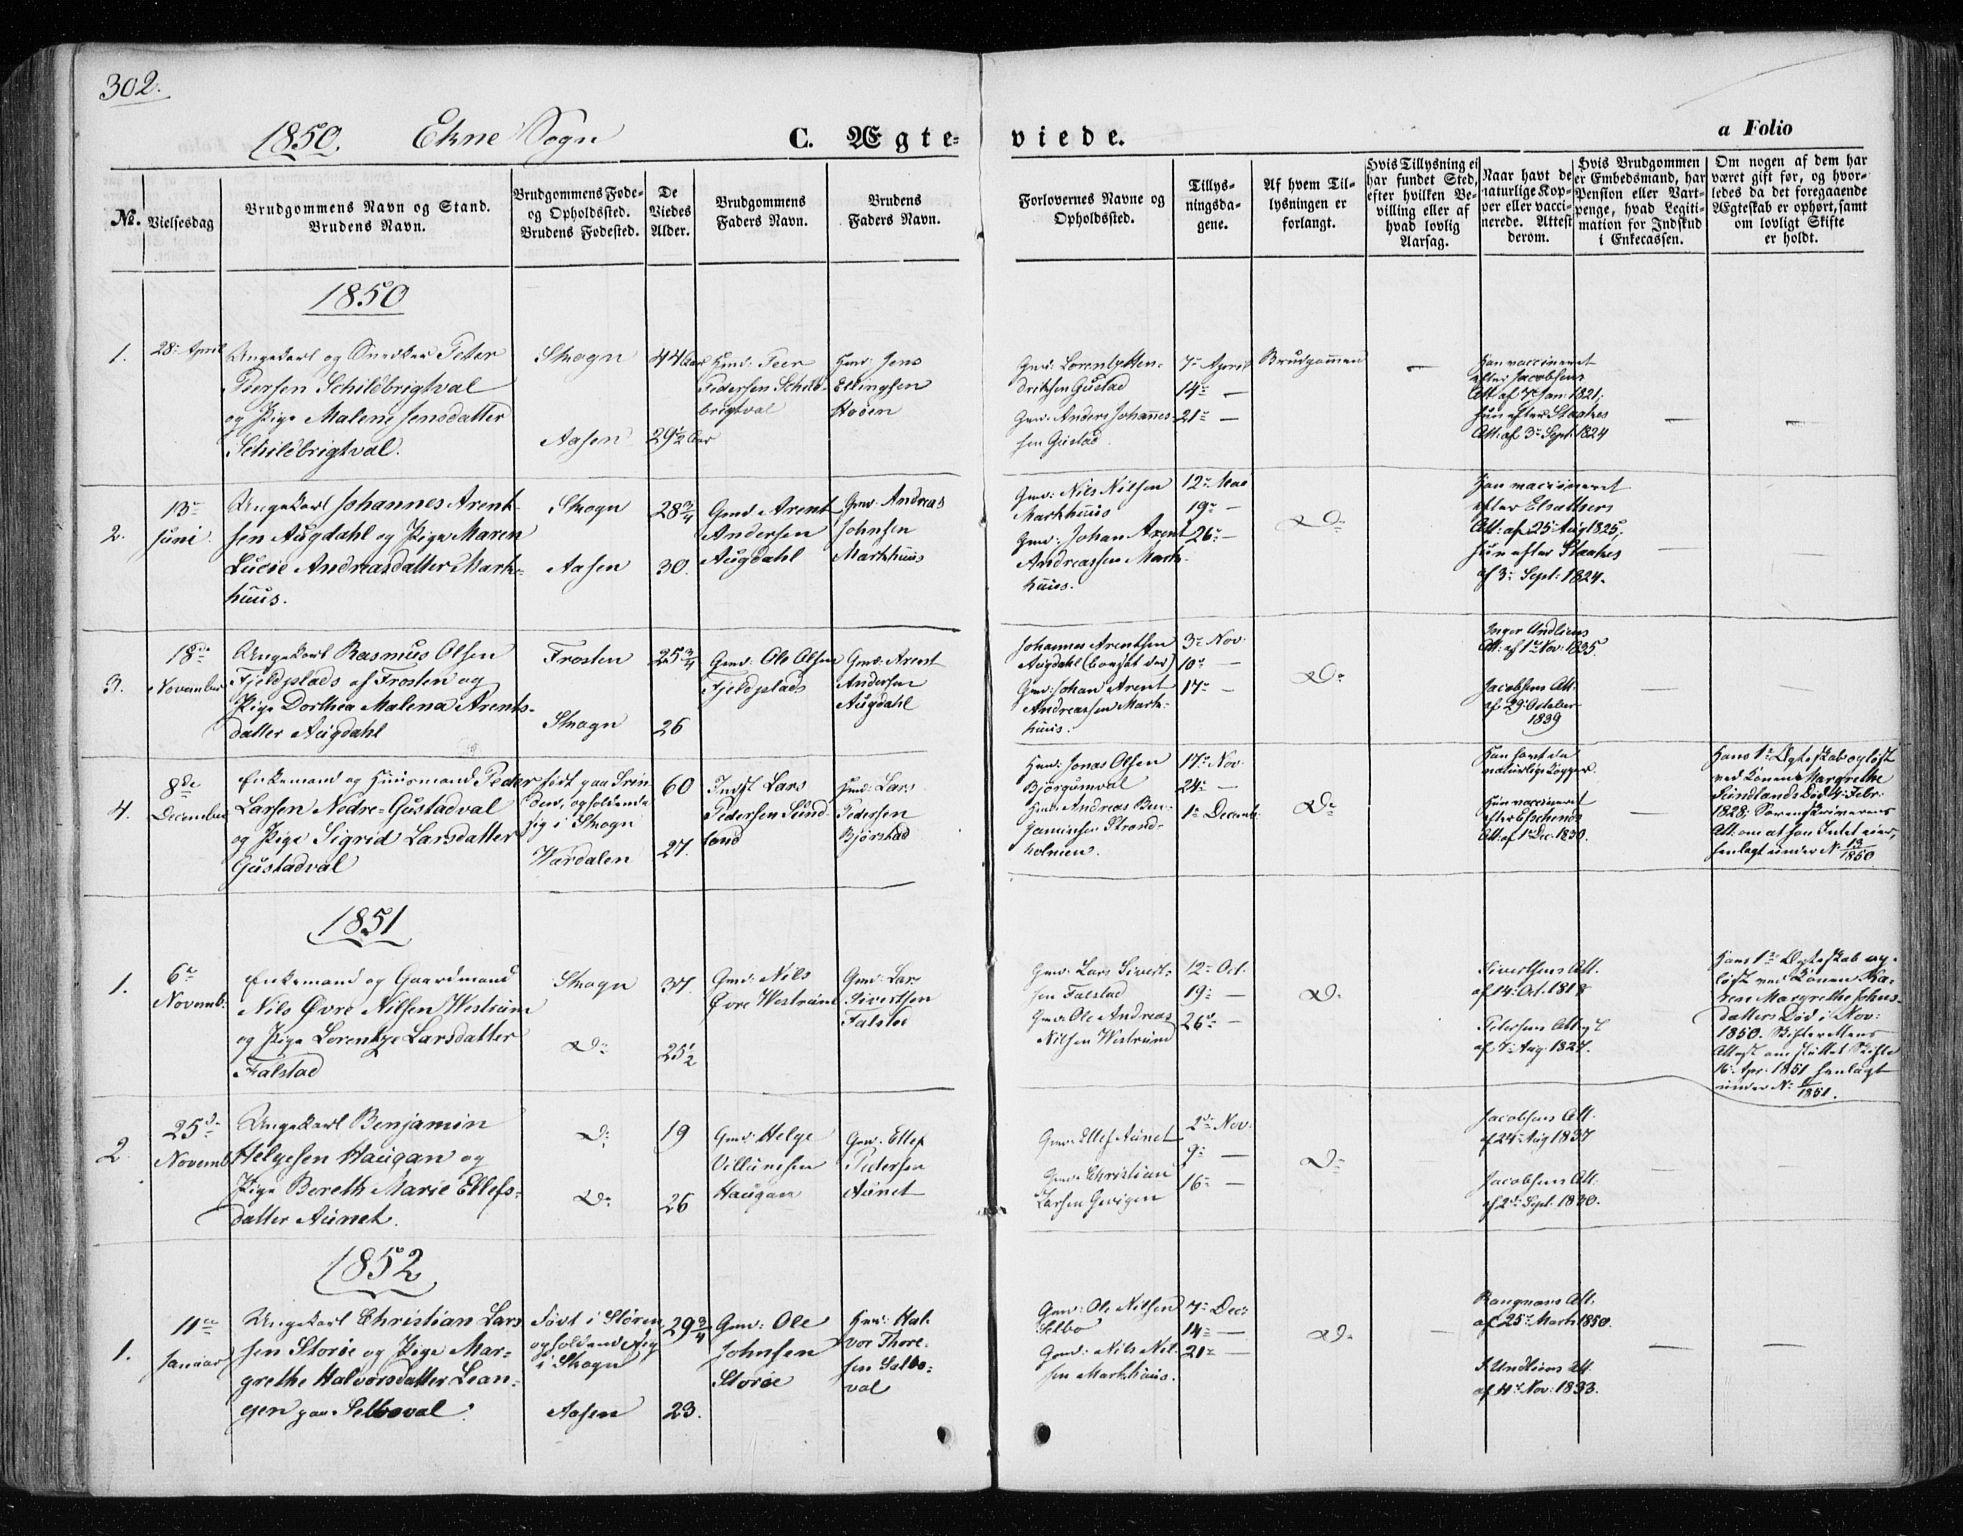 SAT, Ministerialprotokoller, klokkerbøker og fødselsregistre - Nord-Trøndelag, 717/L0154: Ministerialbok nr. 717A07 /3, 1850-1862, s. 302